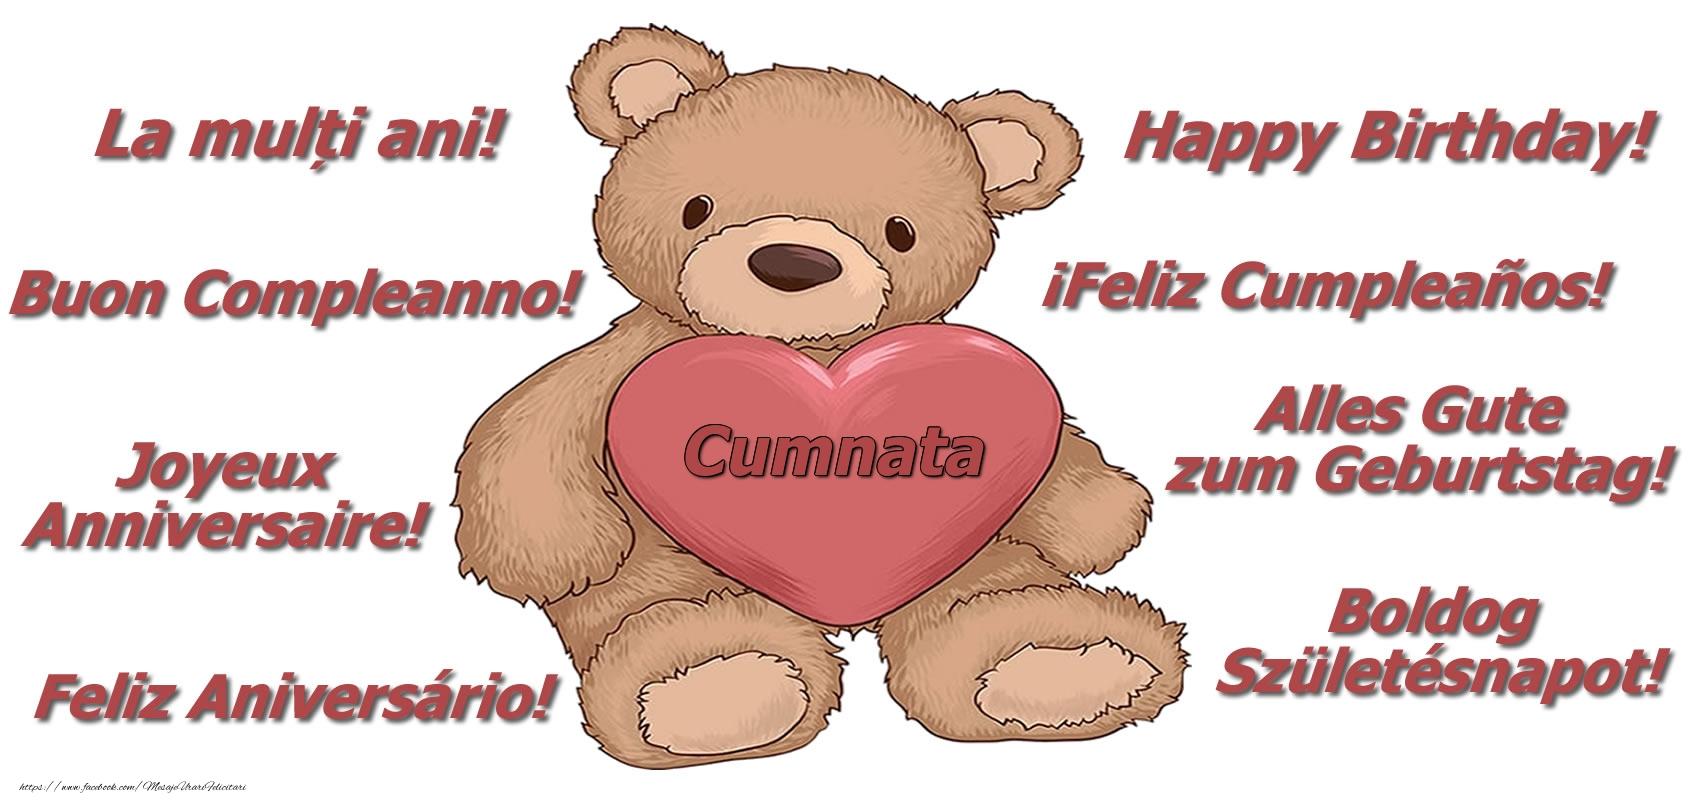 Felicitari de zi de nastere pentru Cumnata - La multi ani cumnata! - Ursulet